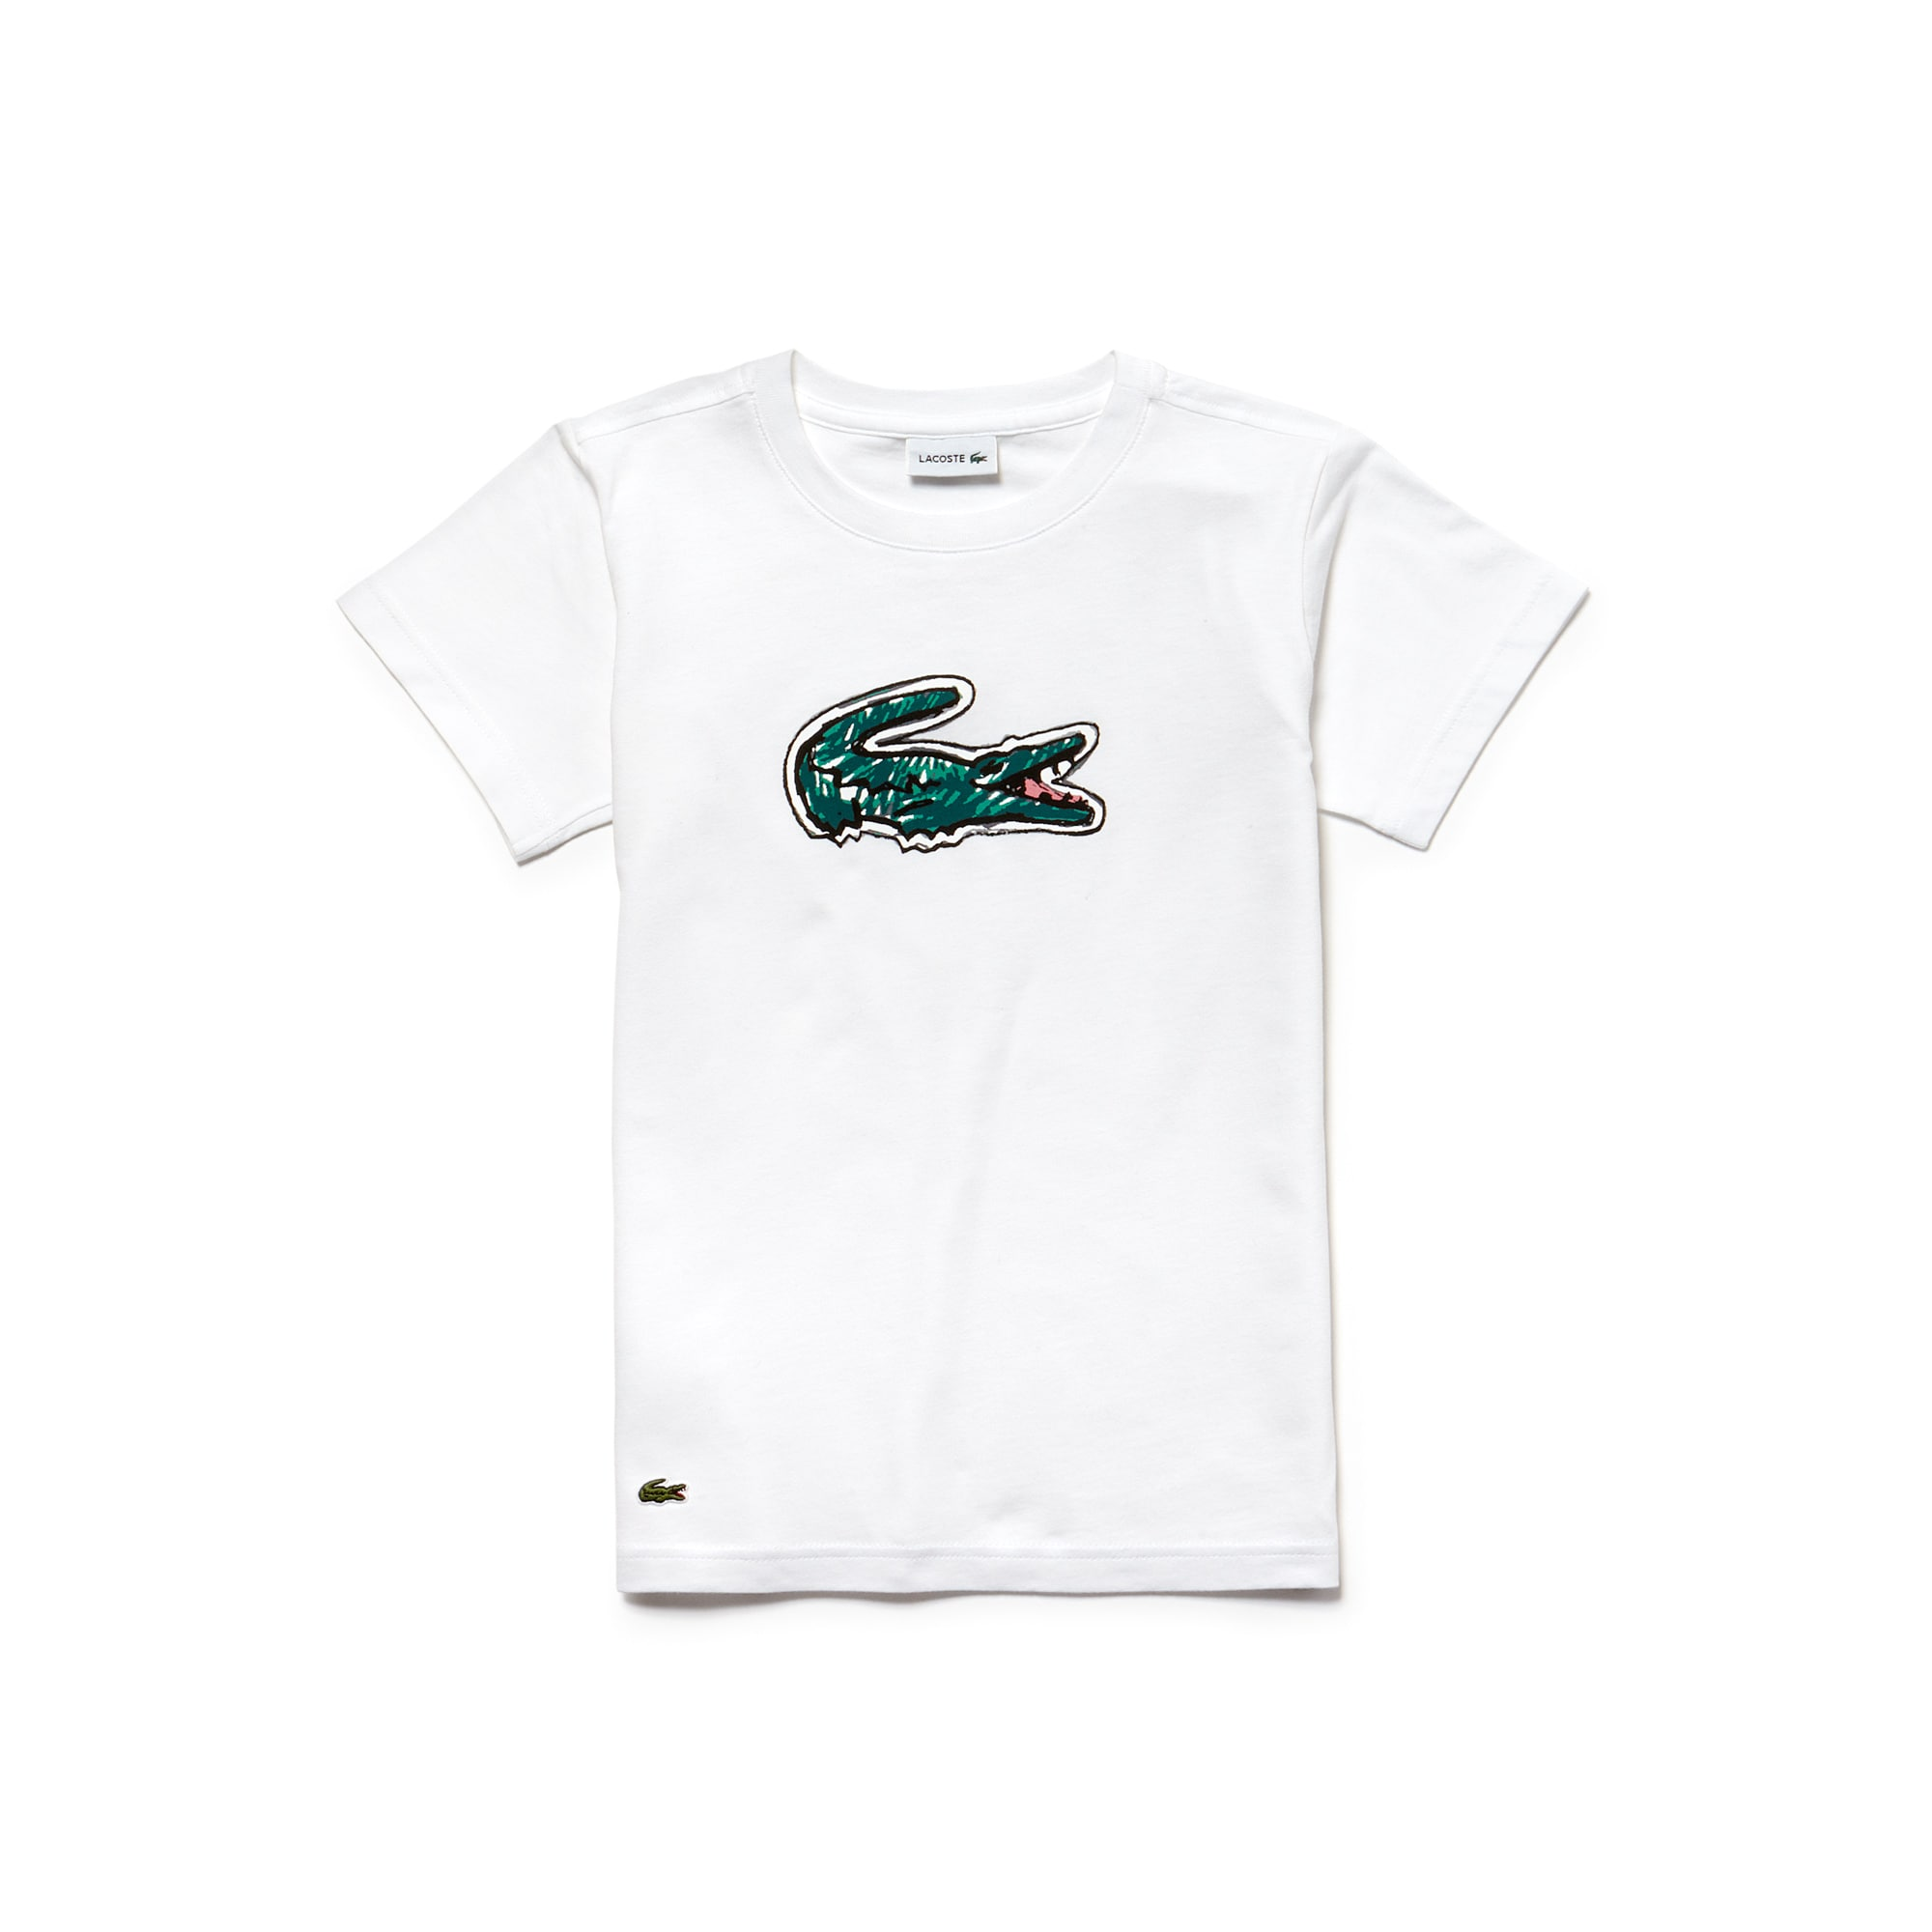 T-shirt Menino decote redondo em jersey índigo com impressão crocodilo